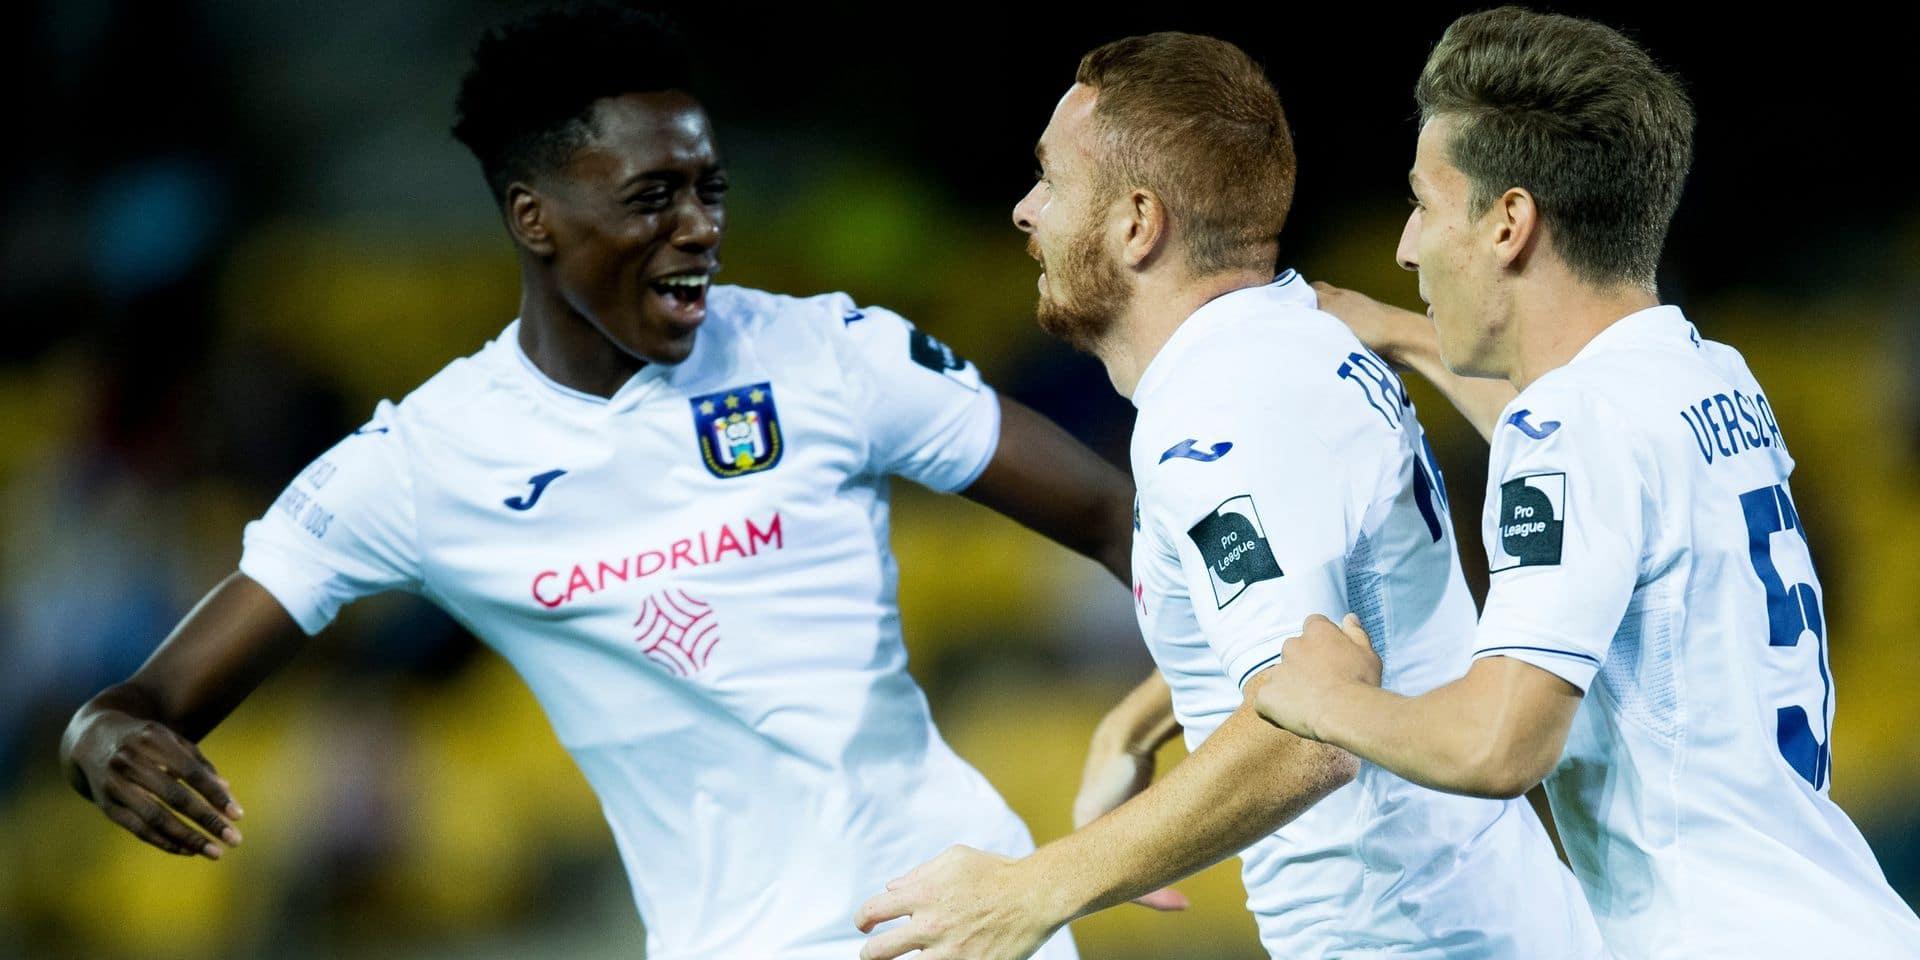 Anderlecht domine largement Waasland-Beveren mais se relâche en fin de match (2-4)